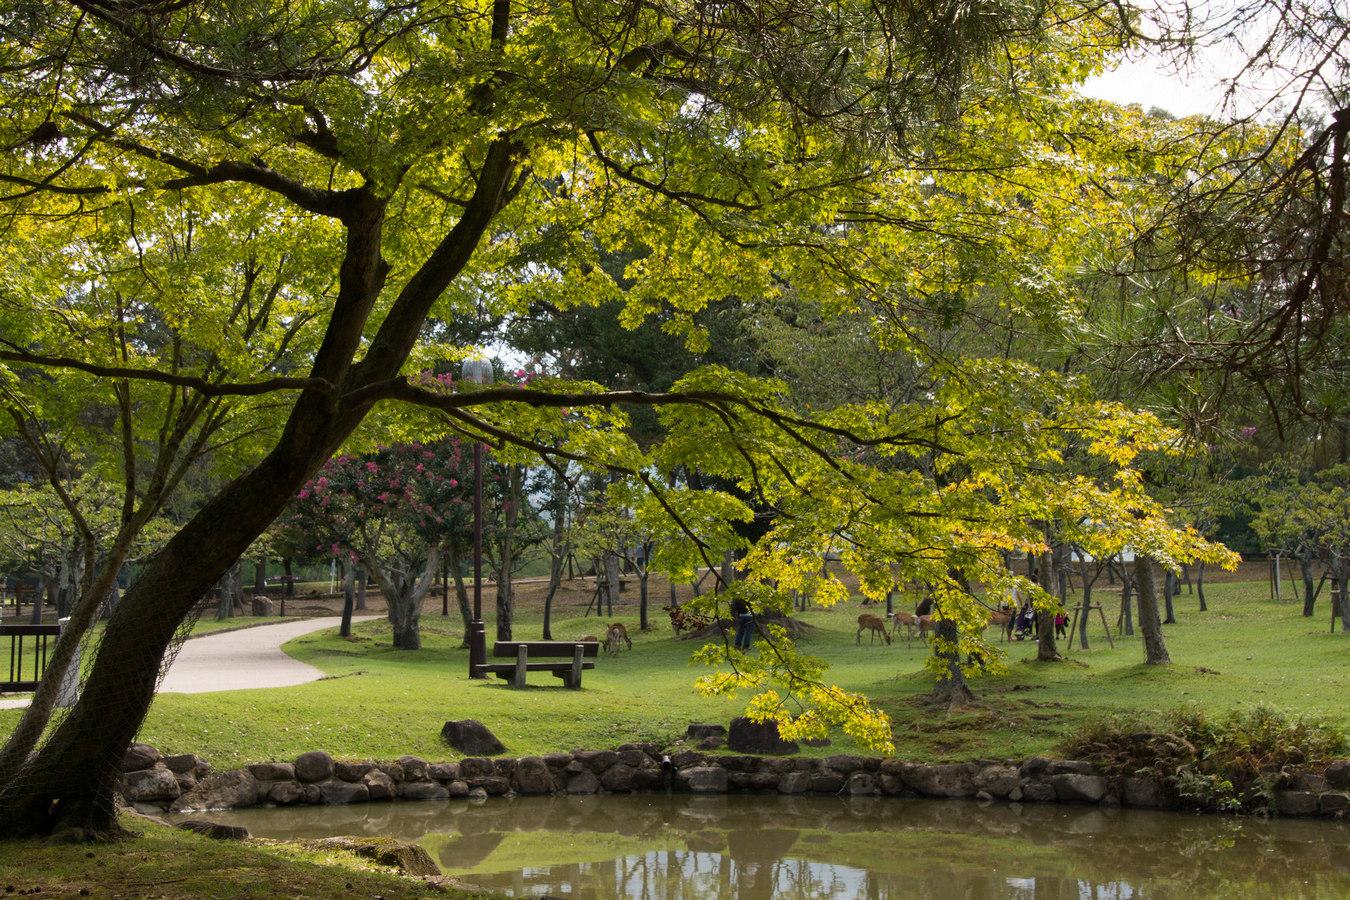 Nara.Park.original.34415.jpg